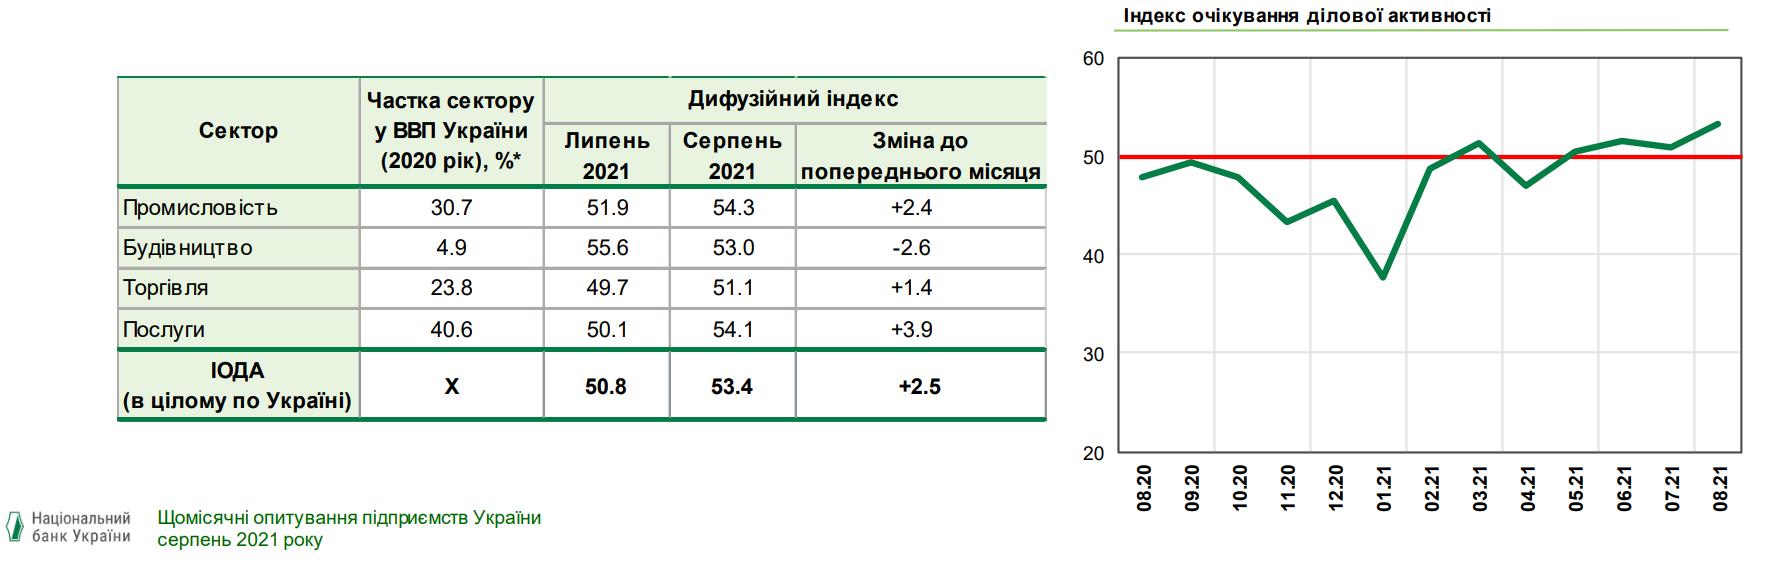 Ожидания бизнеса вернулись на докоронакризисный уровень – индекс НБУ